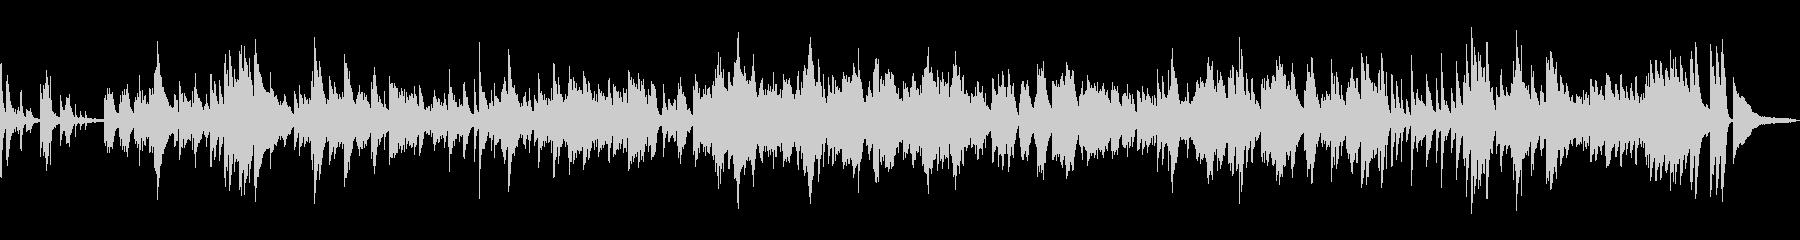 「浜辺の歌」 ソロジャズピアノ生演奏の未再生の波形